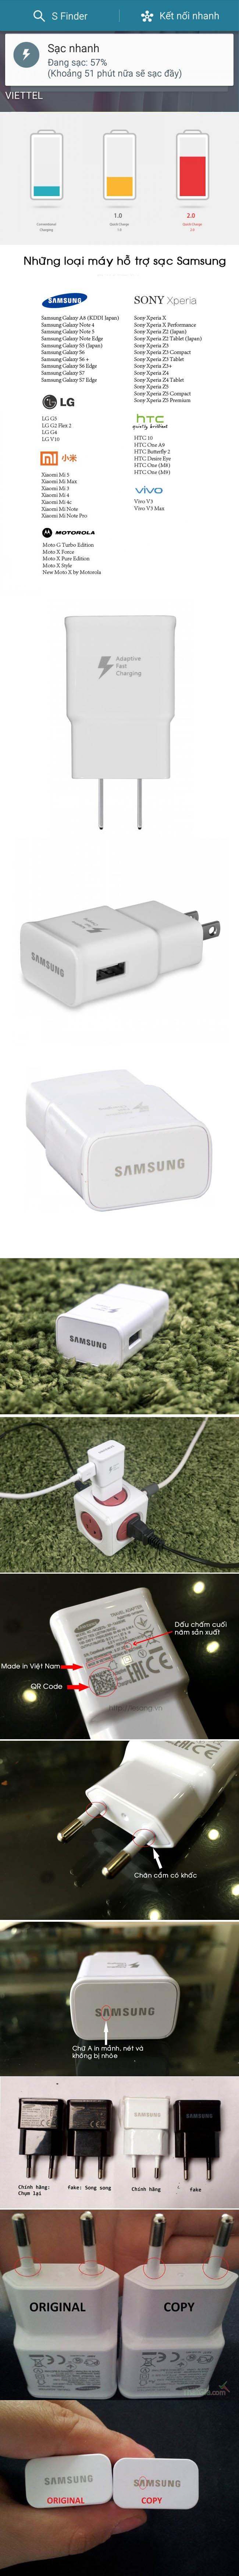 Sạc nhanh Samsung Fast Charge 2.0 chính hãng 100% - 4